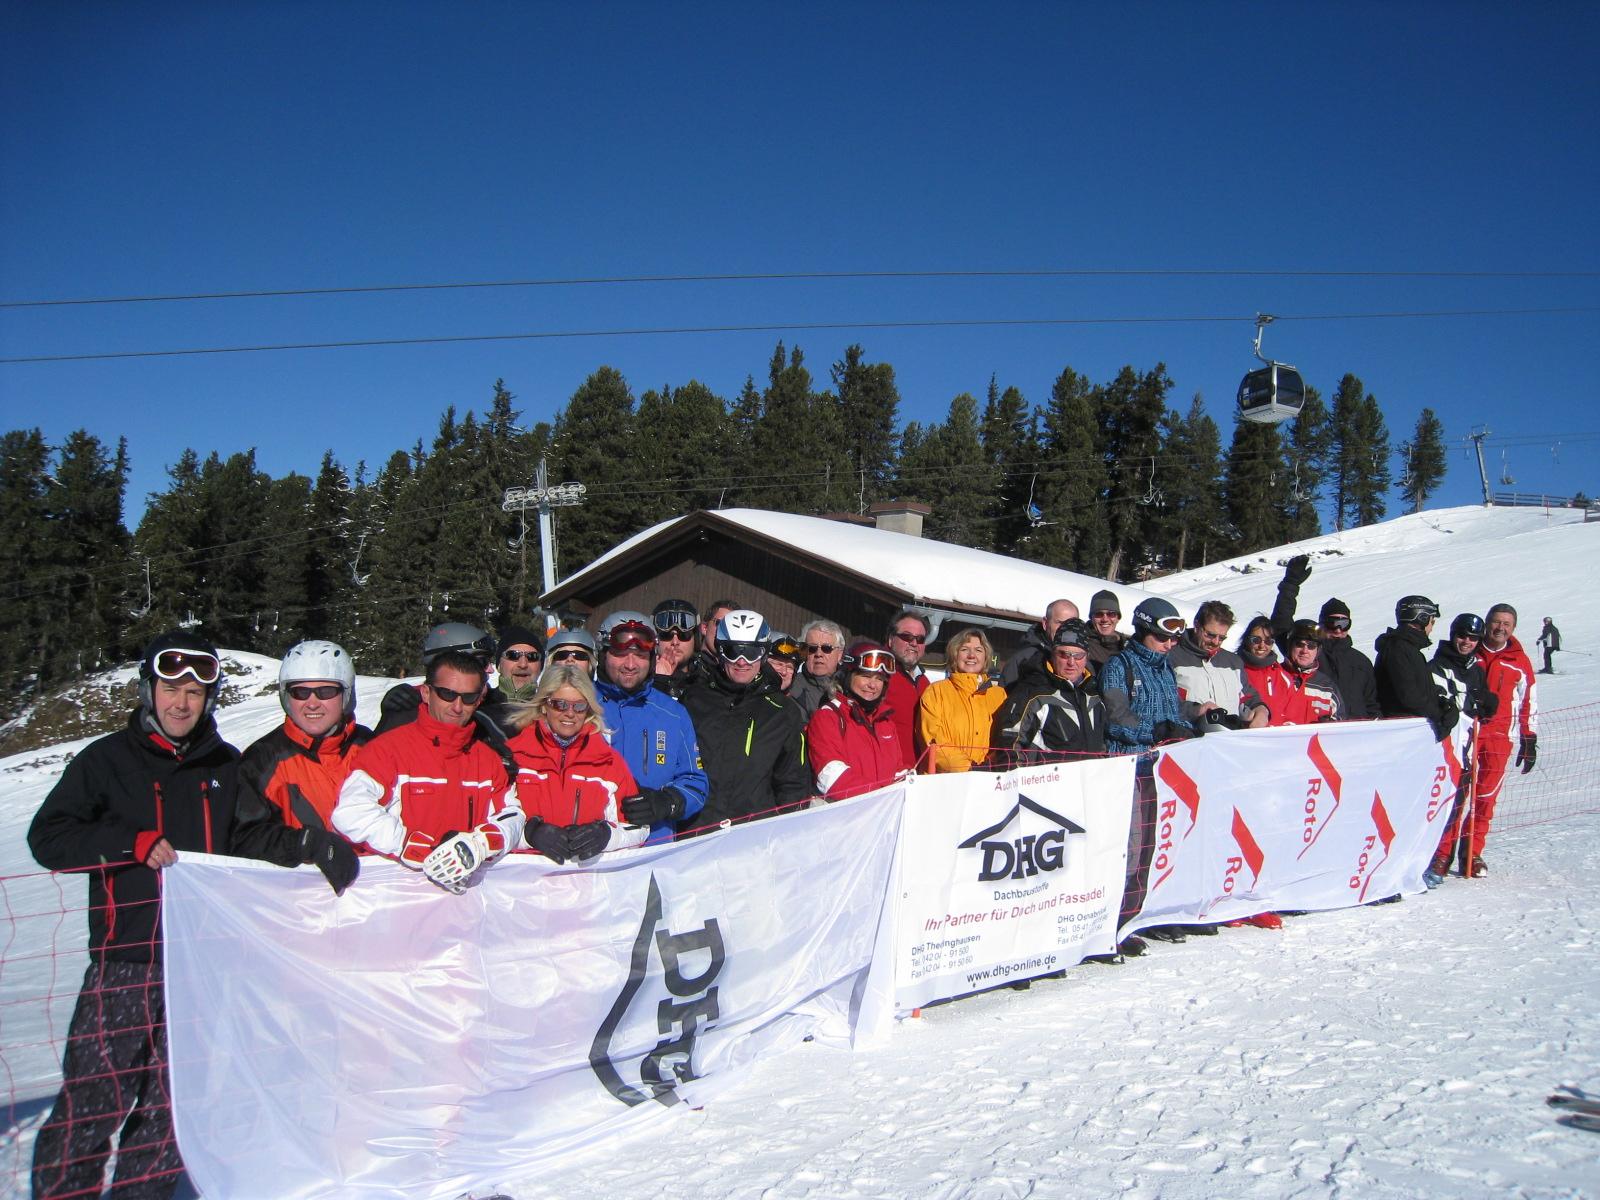 DHG-Ski-Event – Vom Dach Auf Die Piste